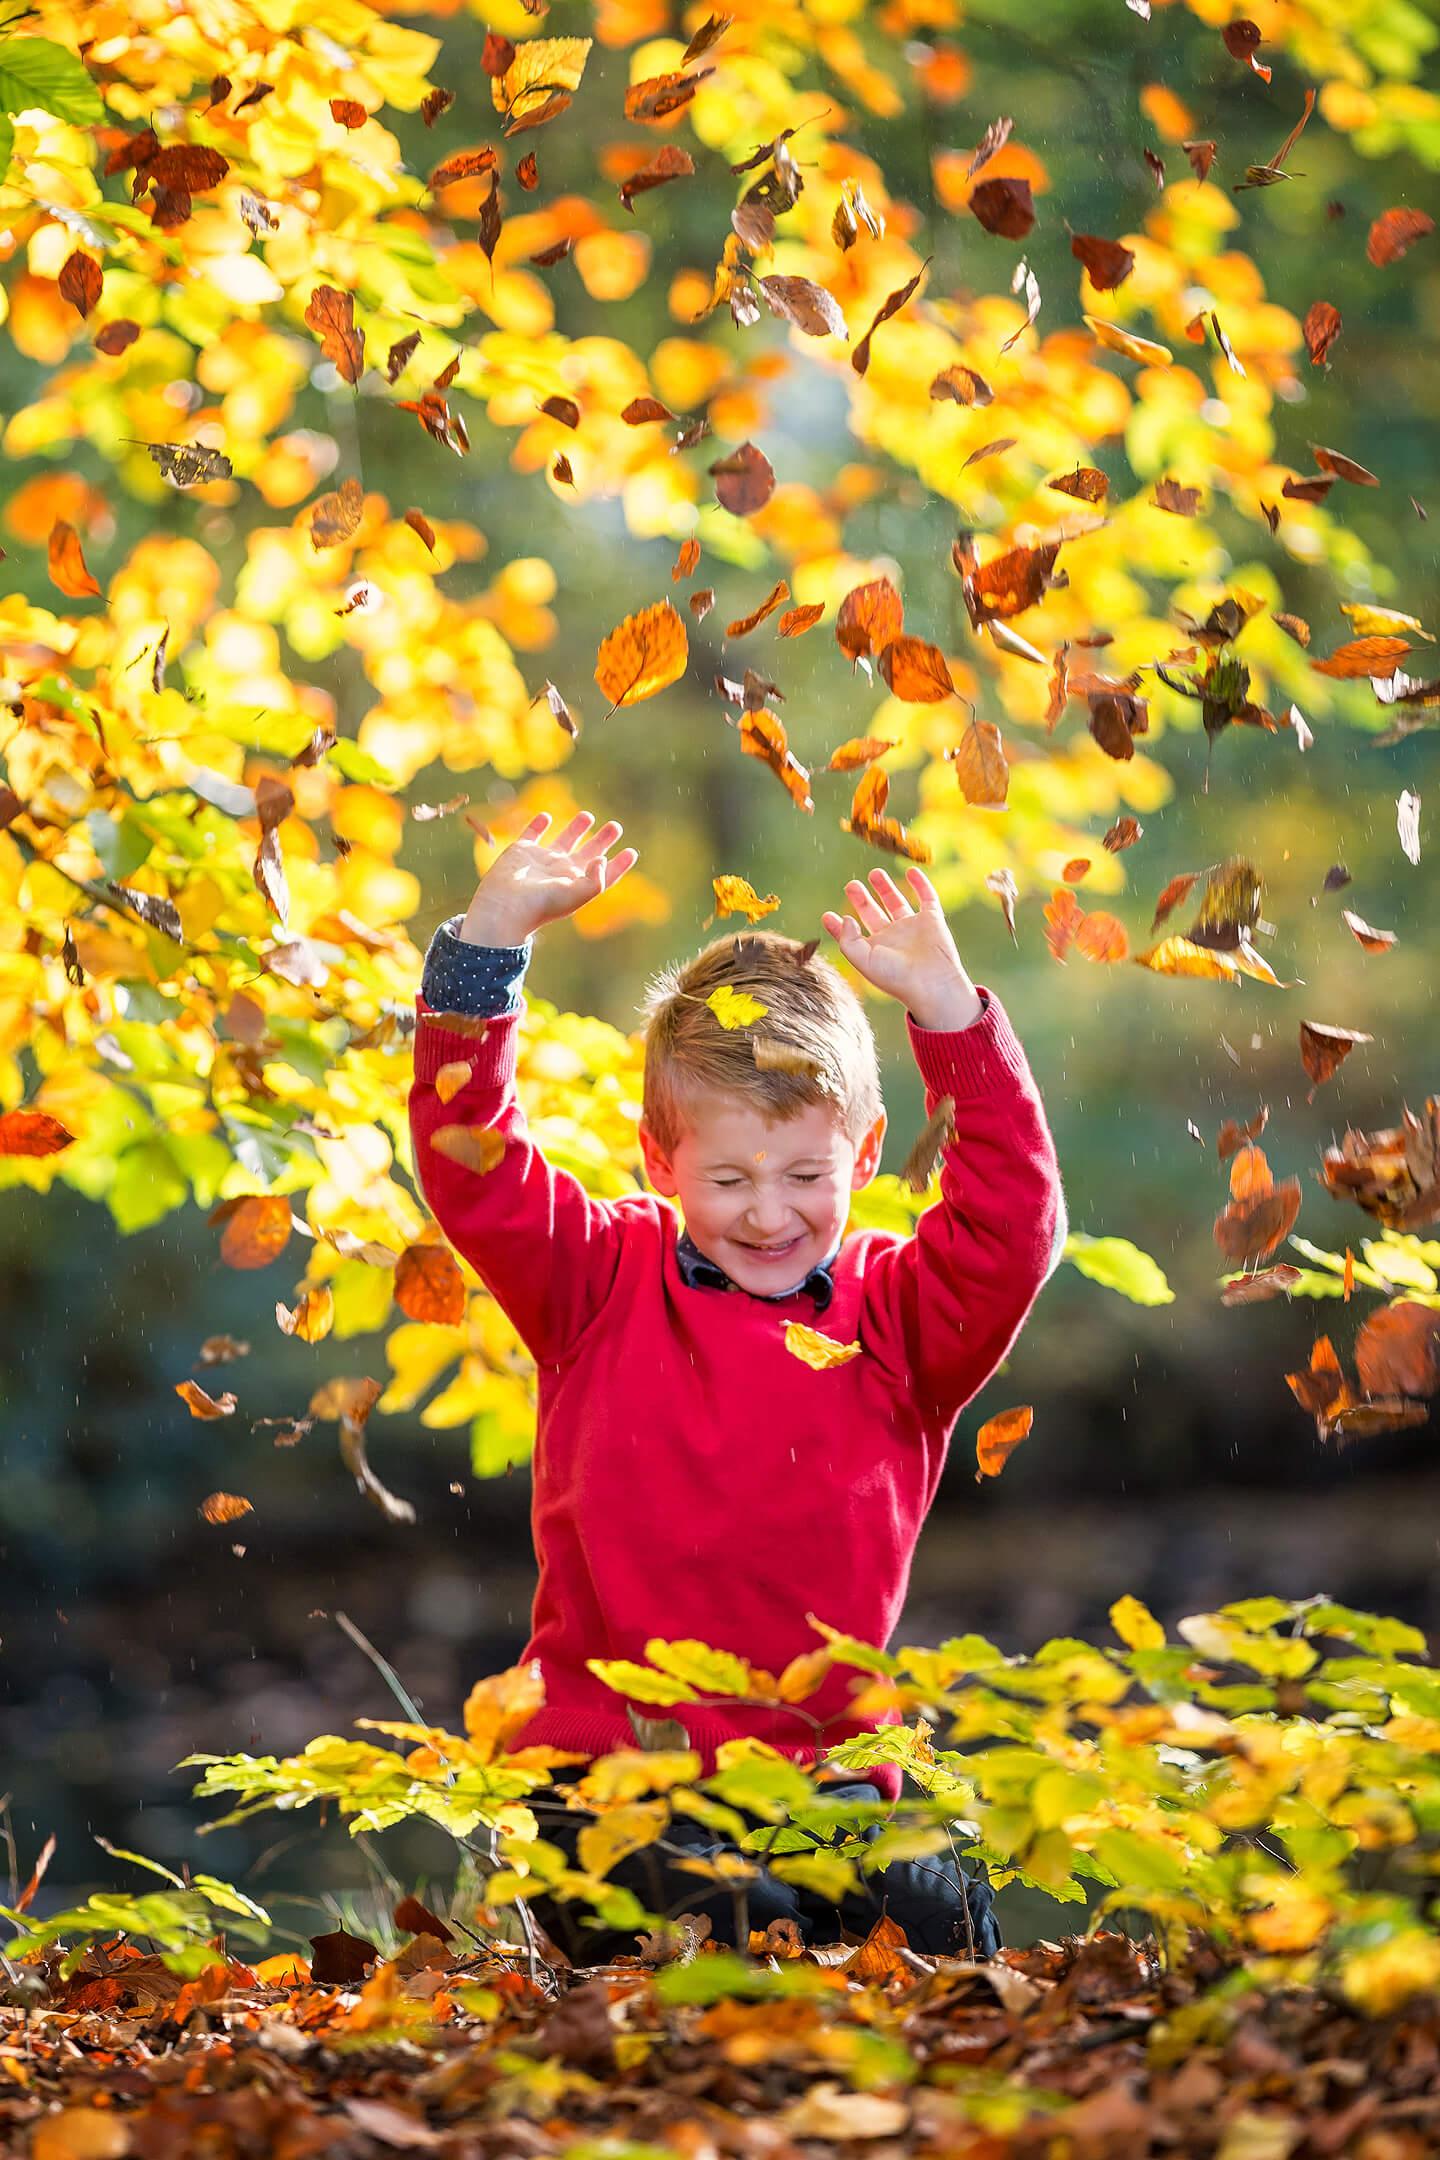 Herbstliches Kinderfoto mit fliegendem Laub